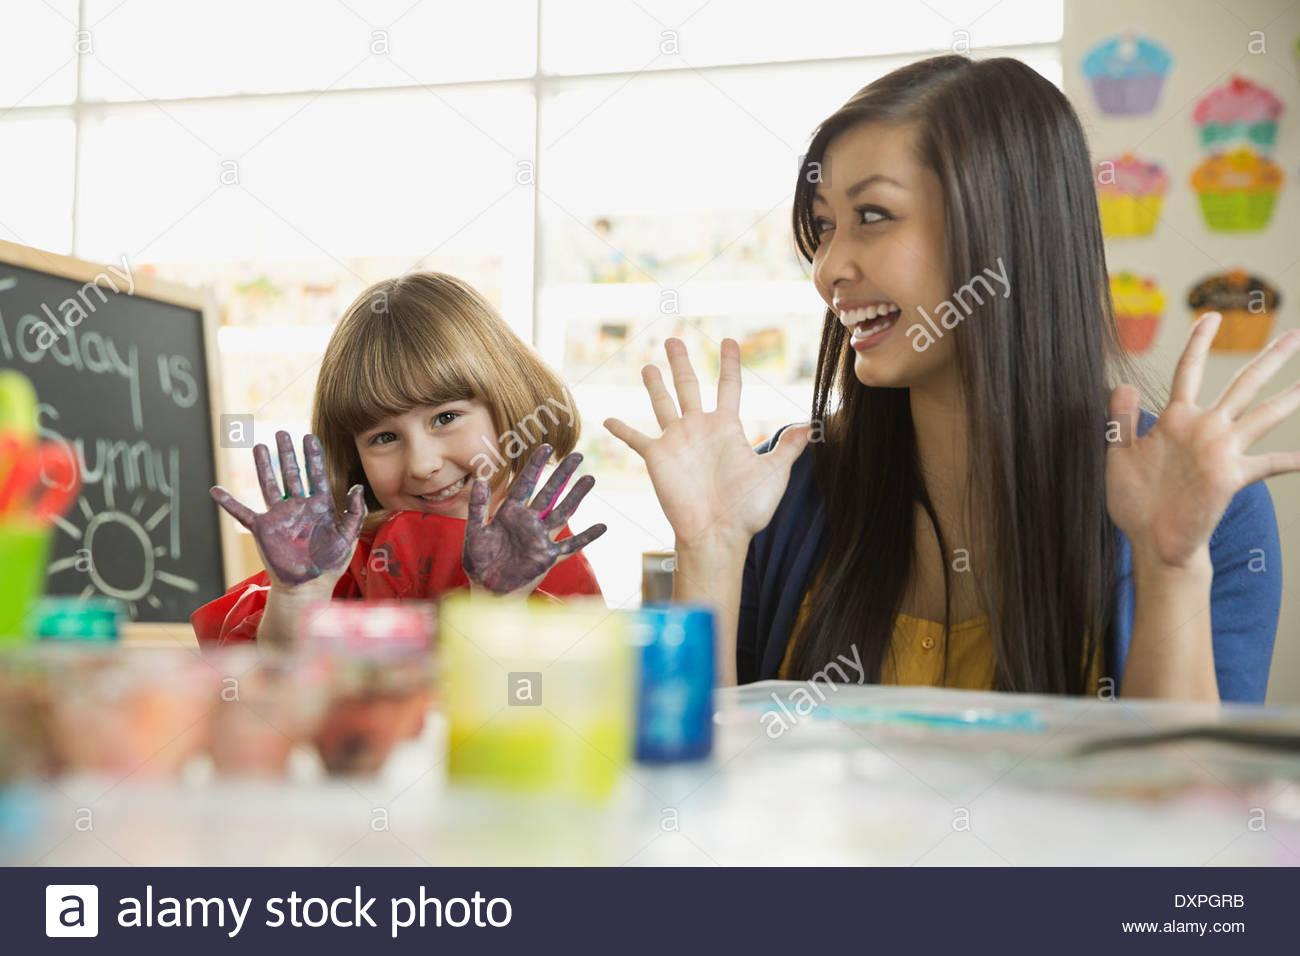 Lehrer mit Mädchen Fingermalerei im Kunstunterricht Stockbild